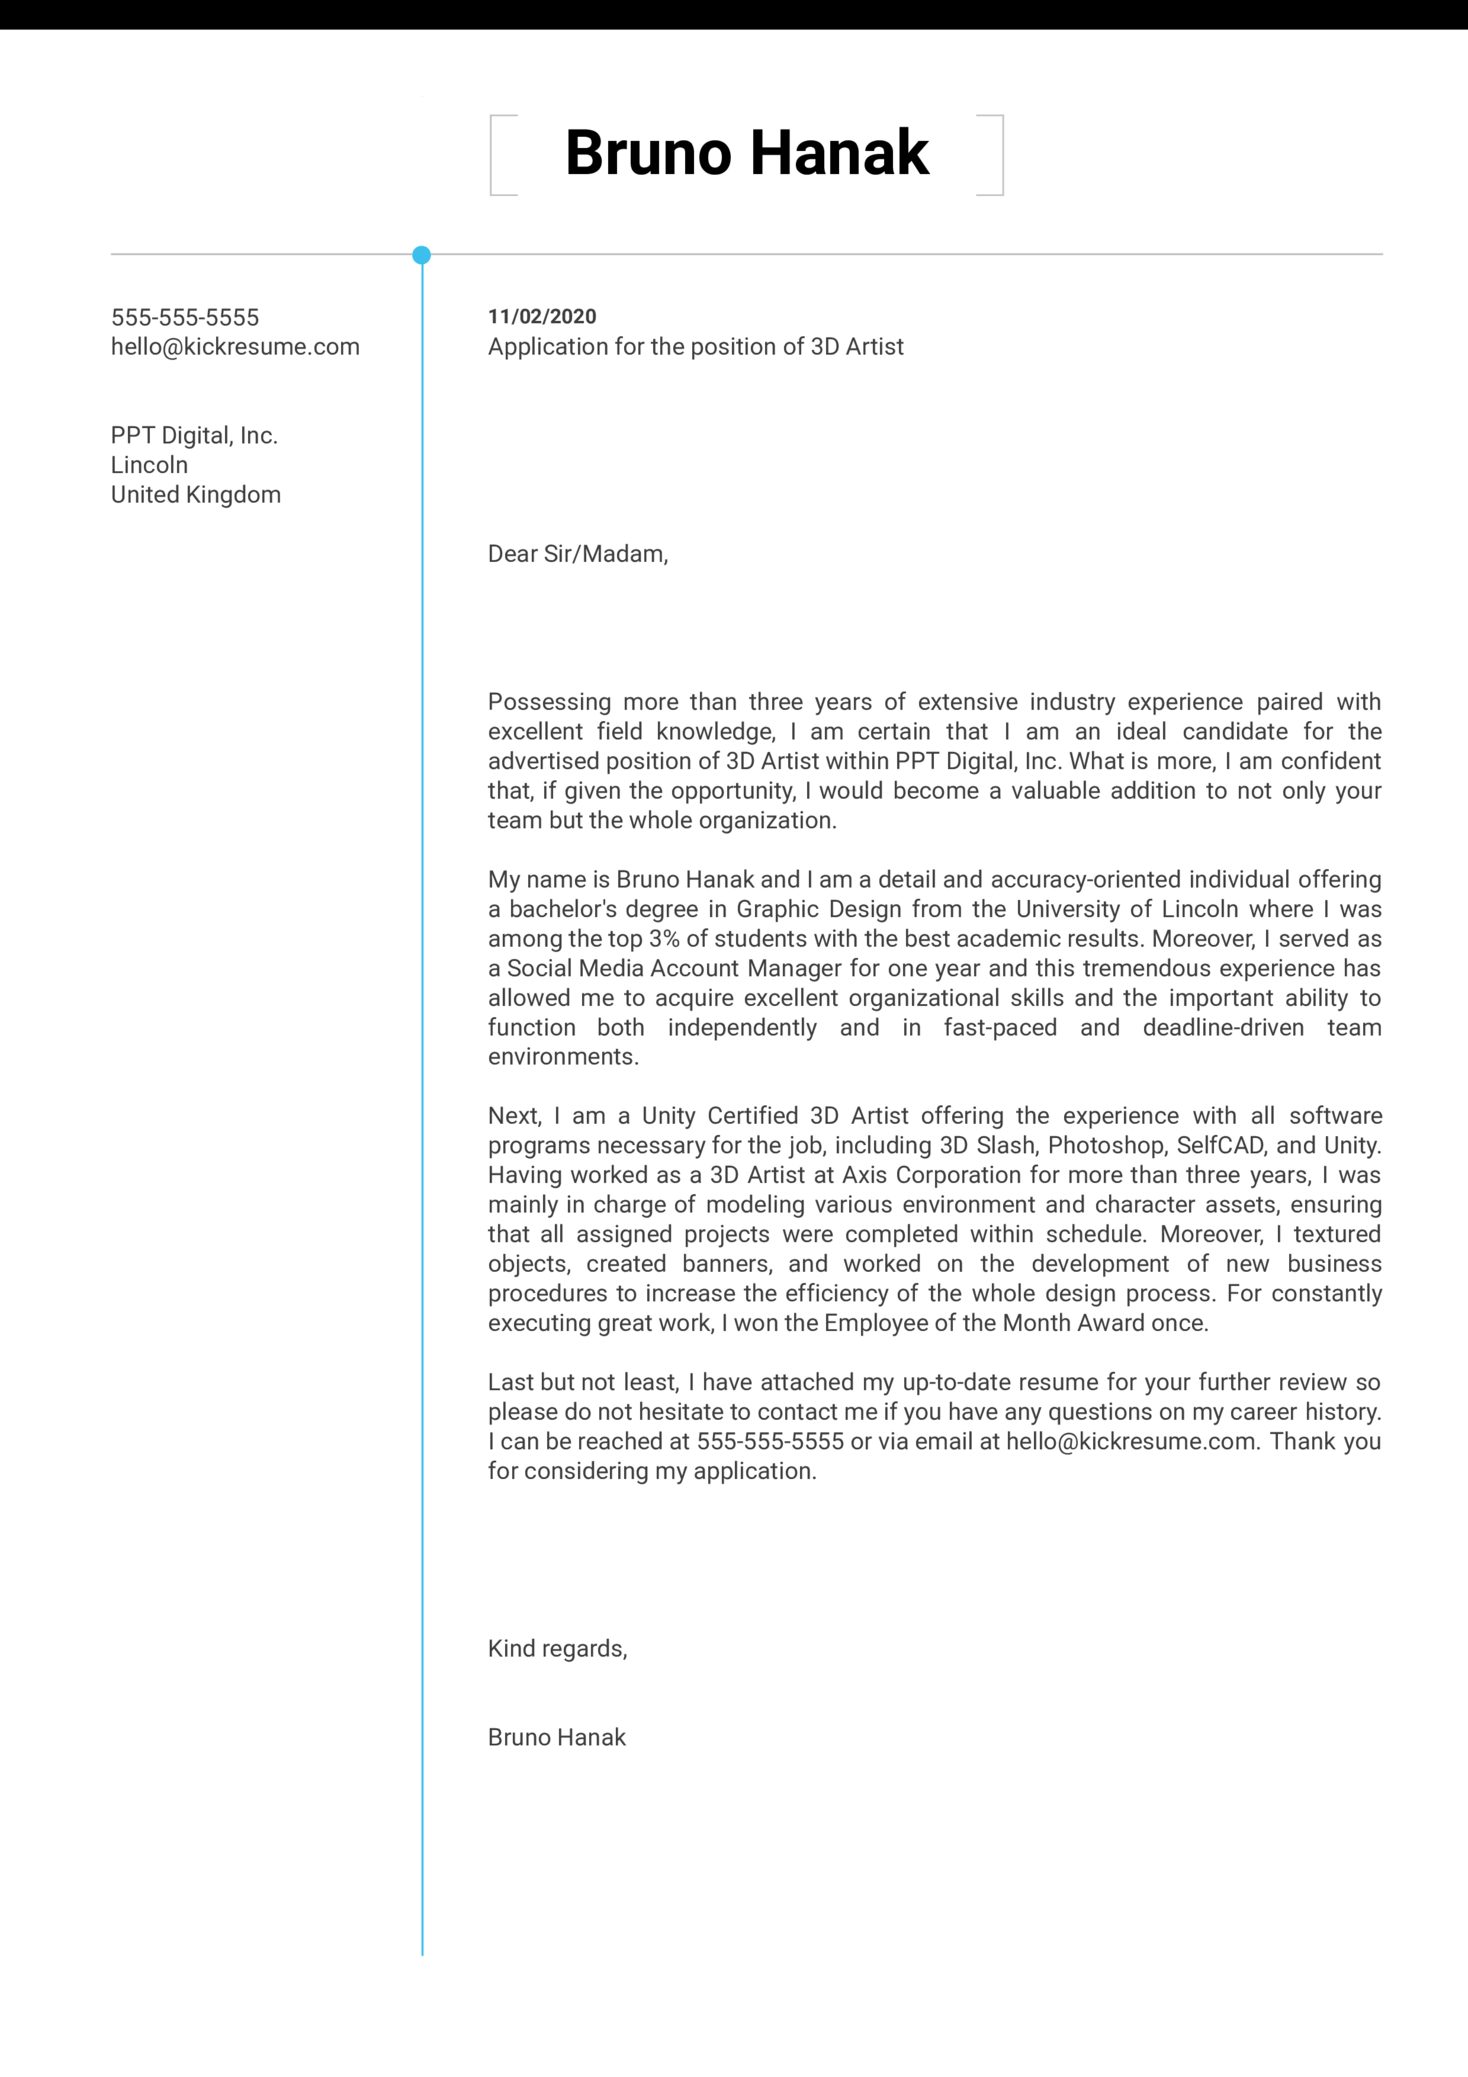 3D Artist Cover Letter Sample